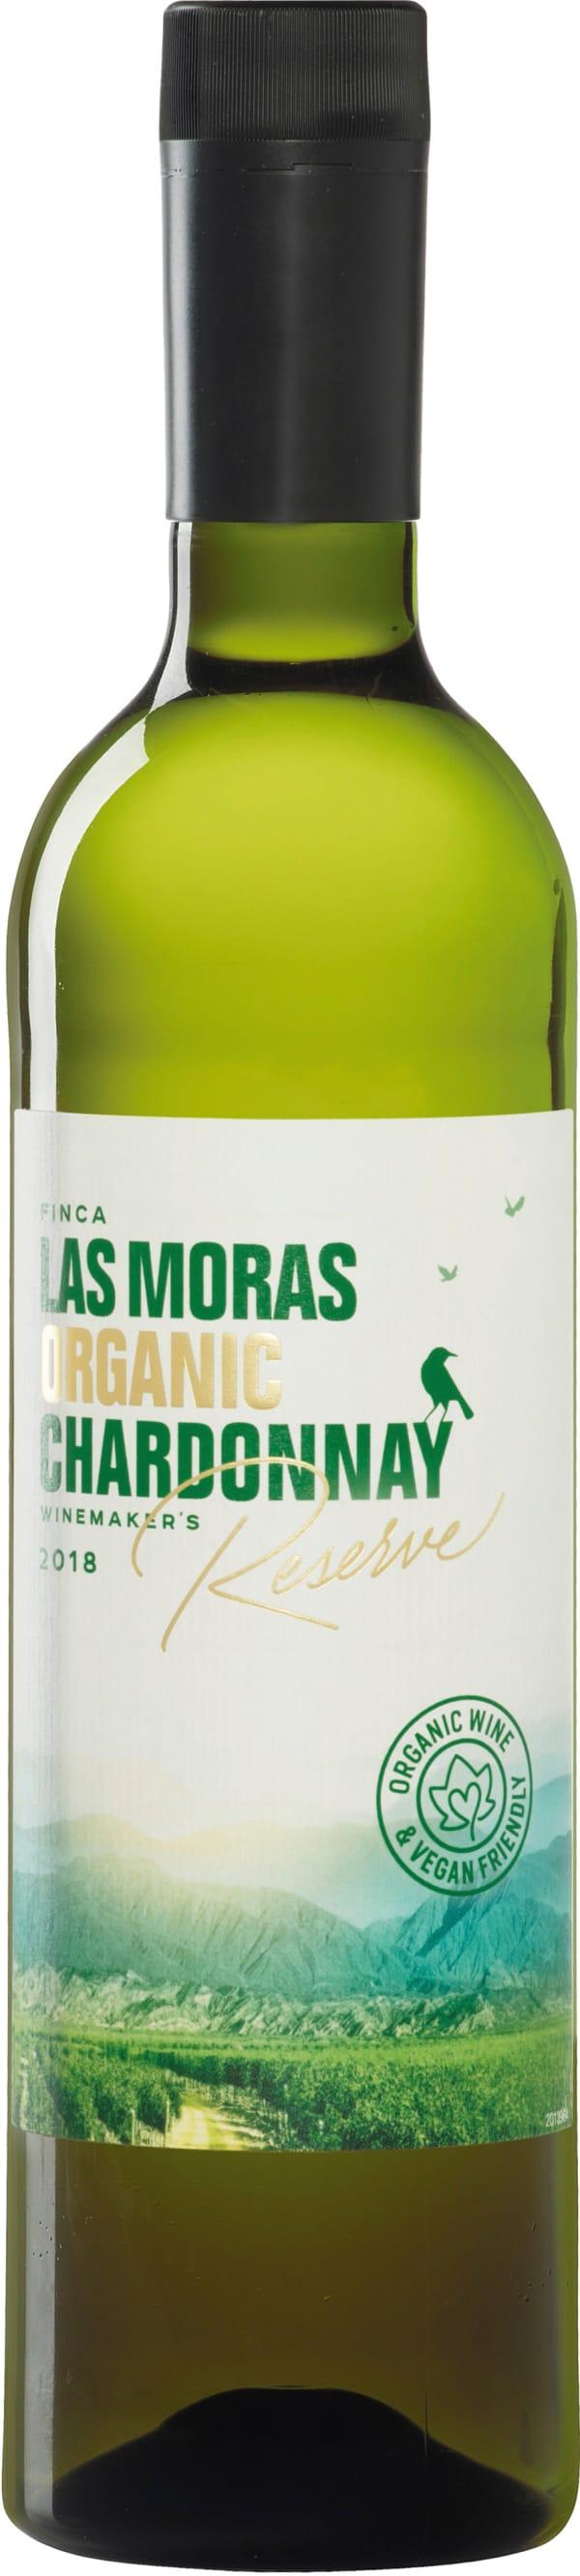 Finca Las Moras Organico Reserve Chardonnay 2018 plastflaska